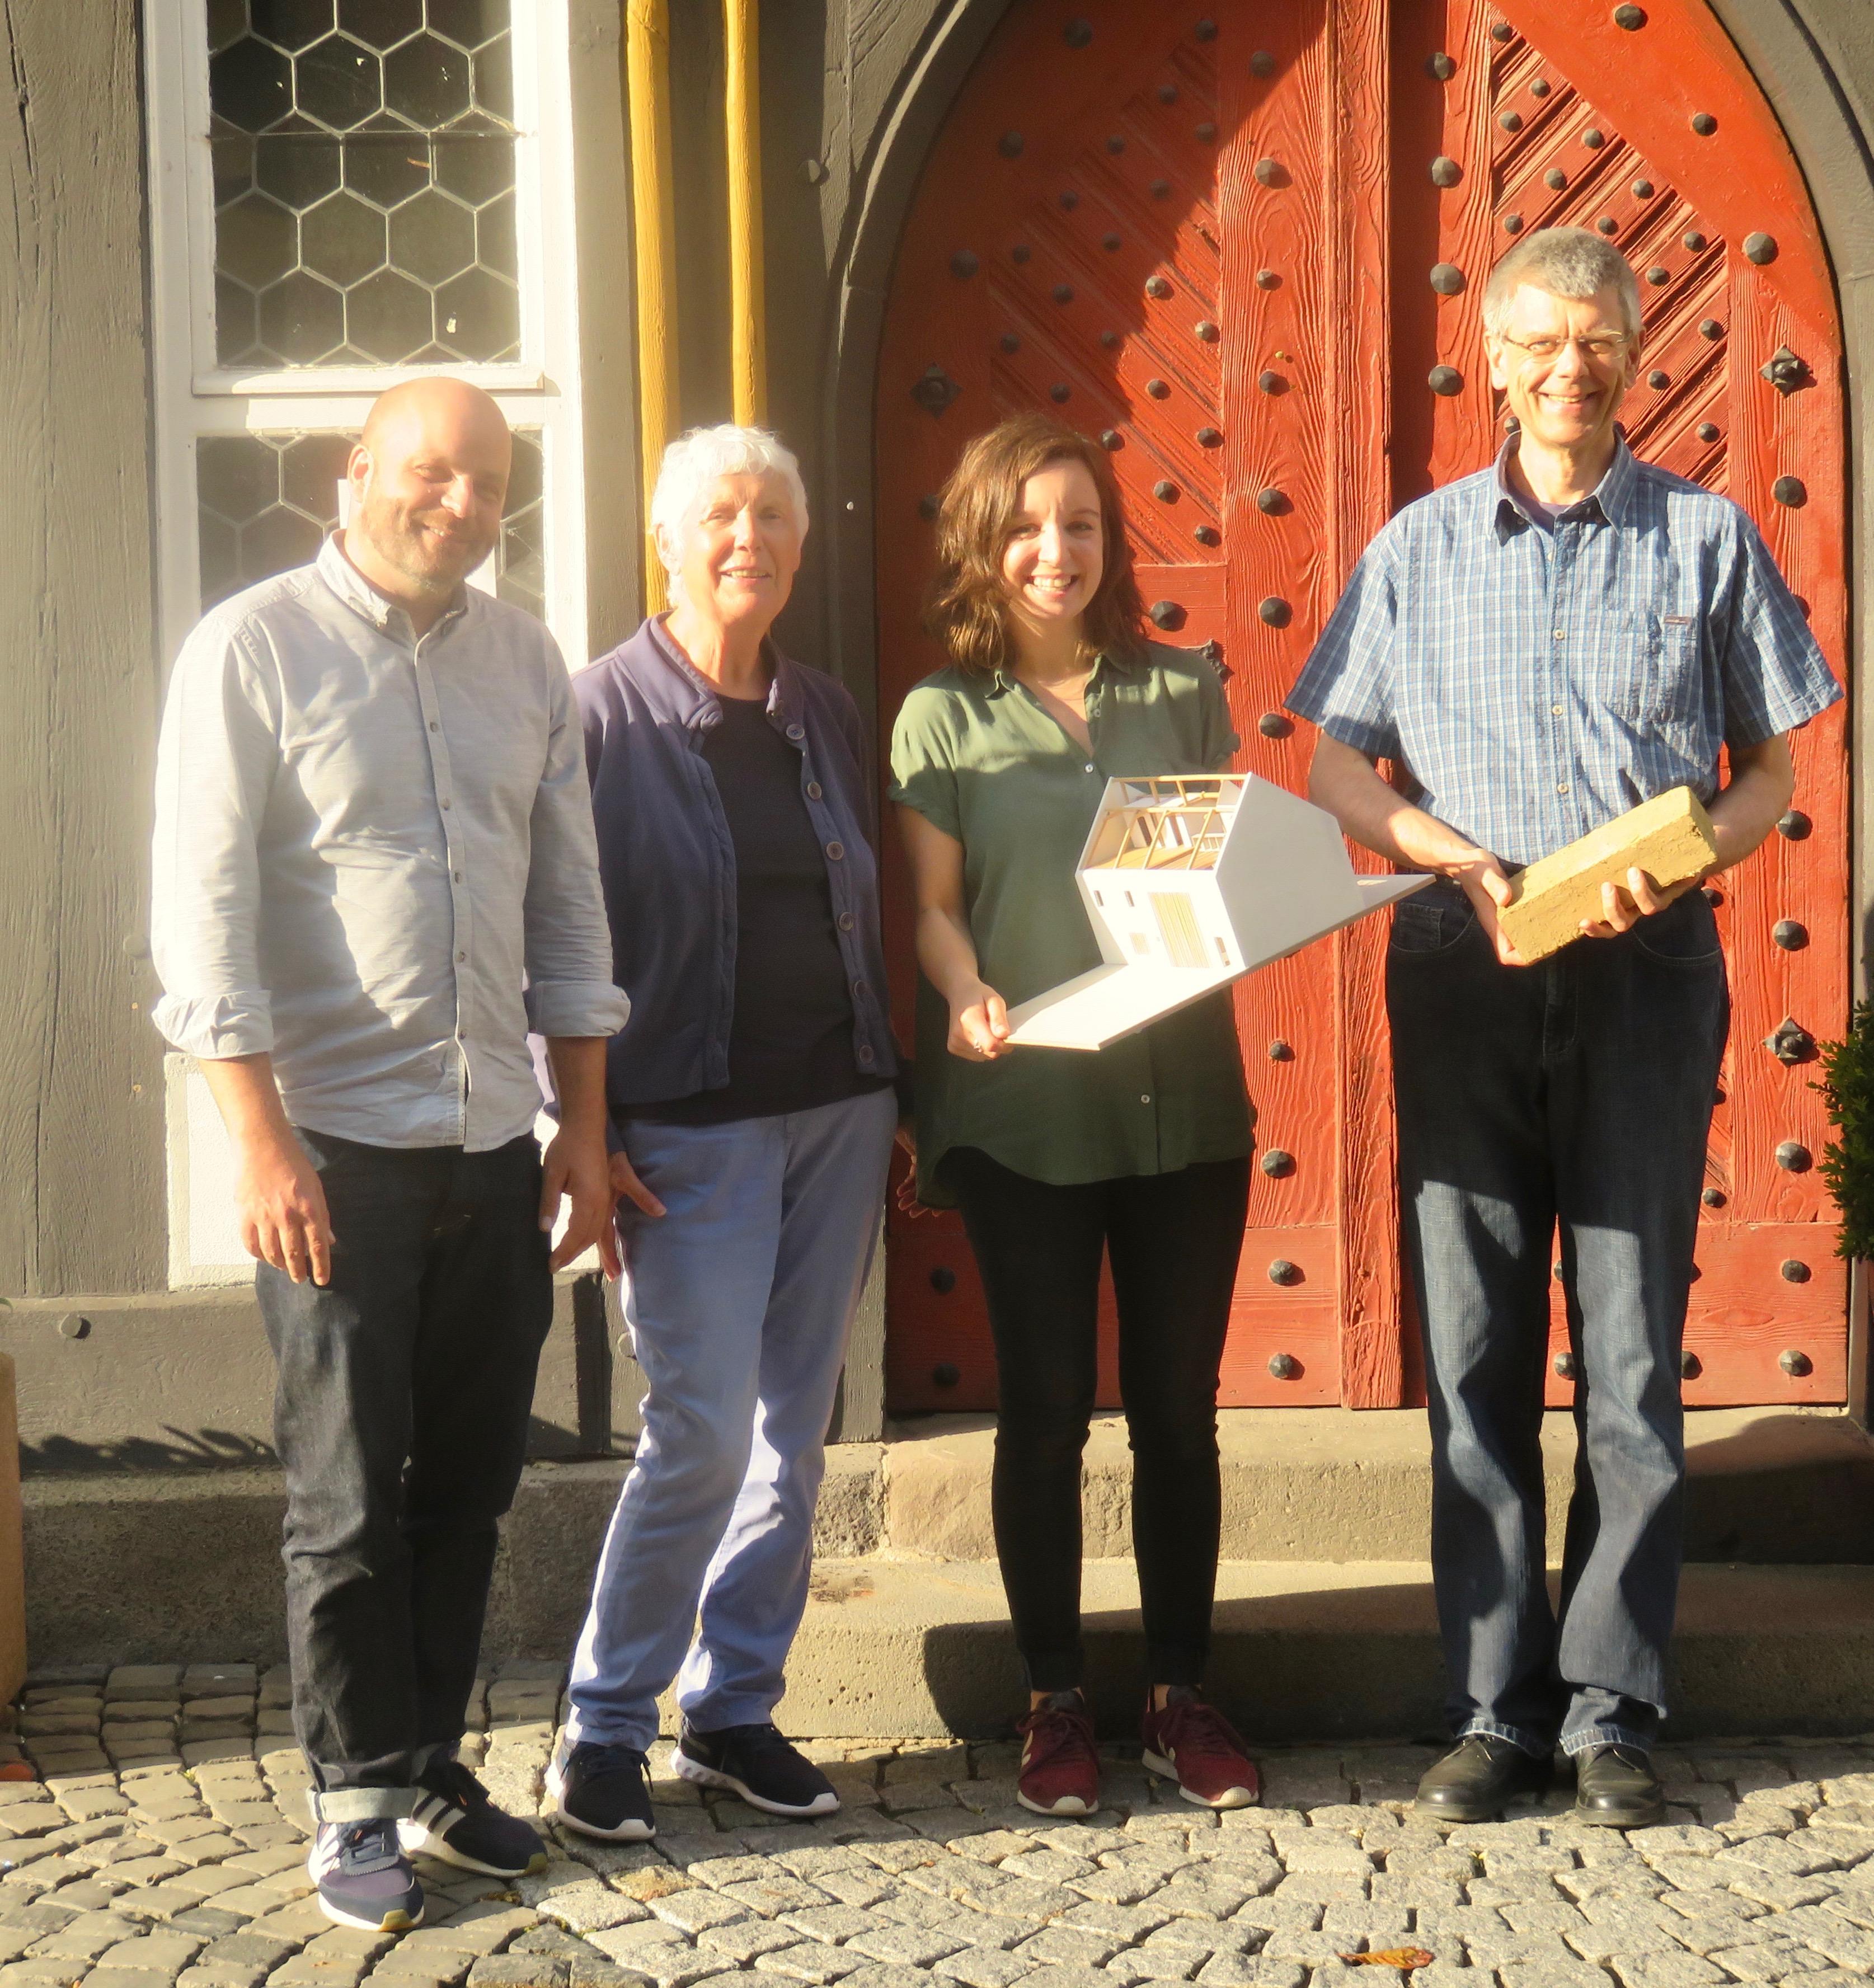 Die Referenten Jochen Karl und Julia Woisetschläger mit den Veranstaltern Jutta Kneißel und Peter Glasstetter vor dem Historischen Rathaus in Schotten